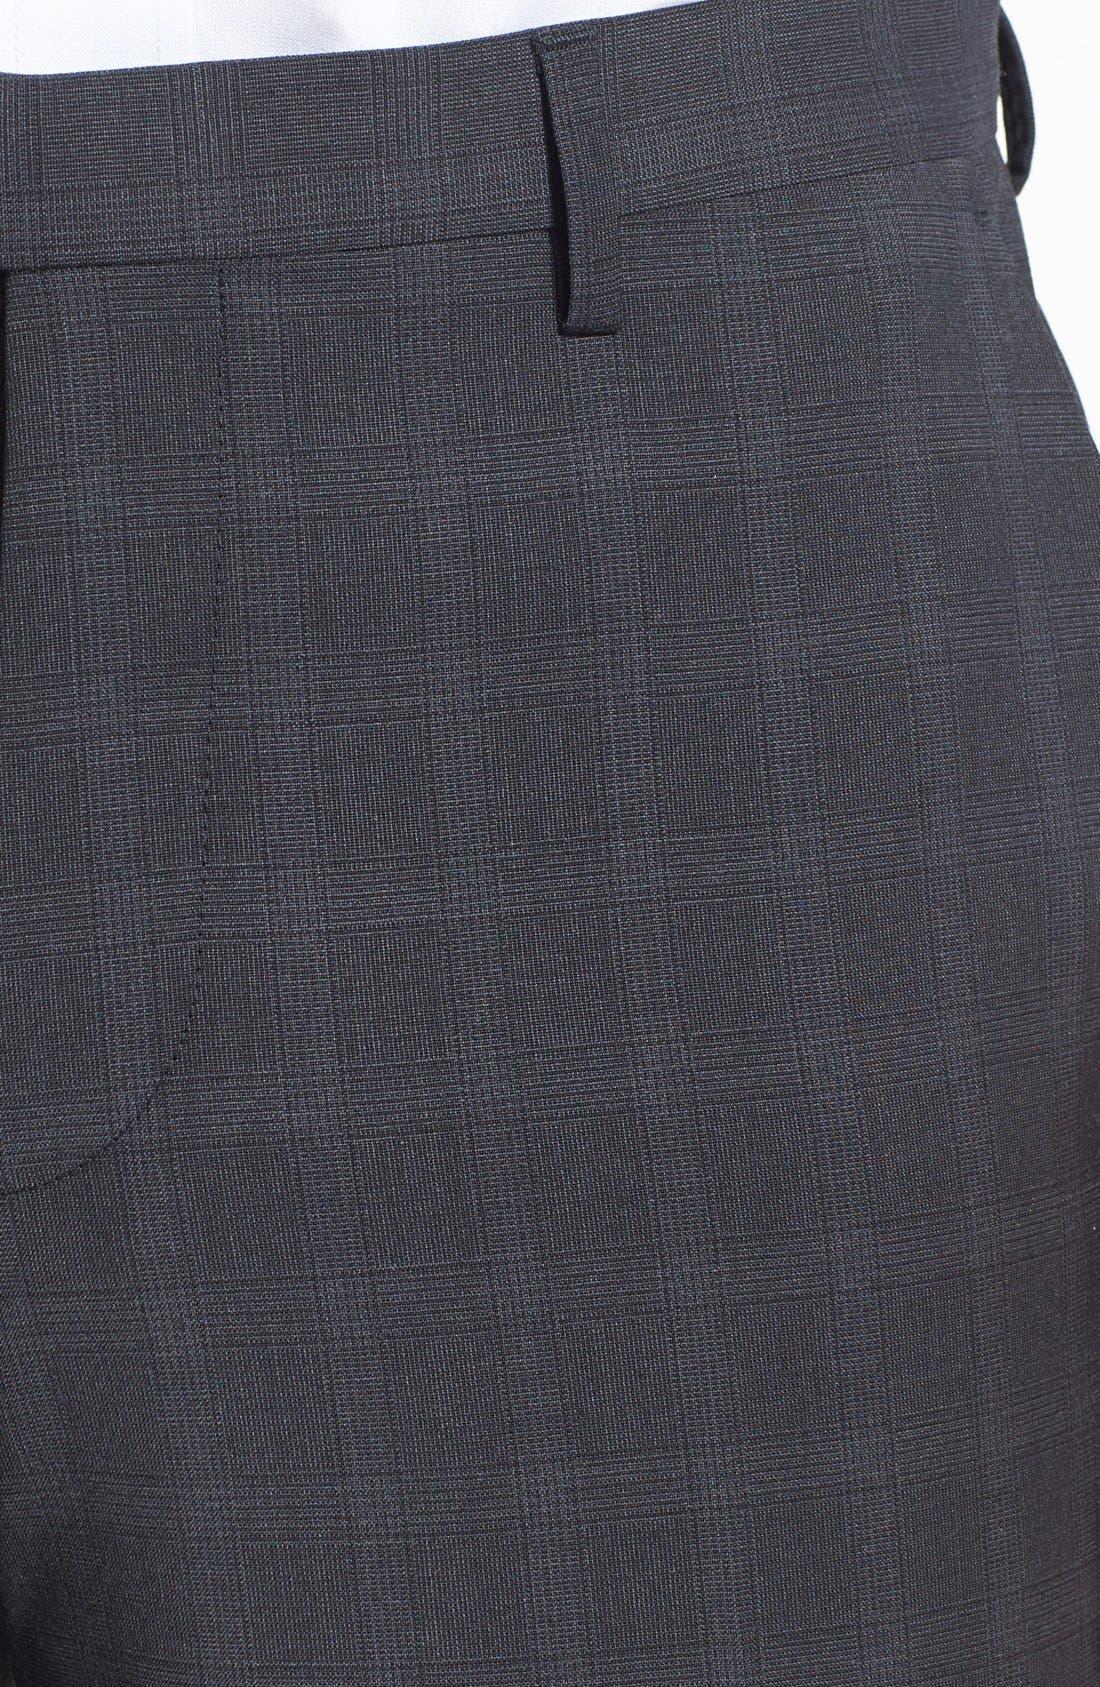 Alternate Image 3  - BOSS HUGO BOSS 'Shark' Flat Front Trousers